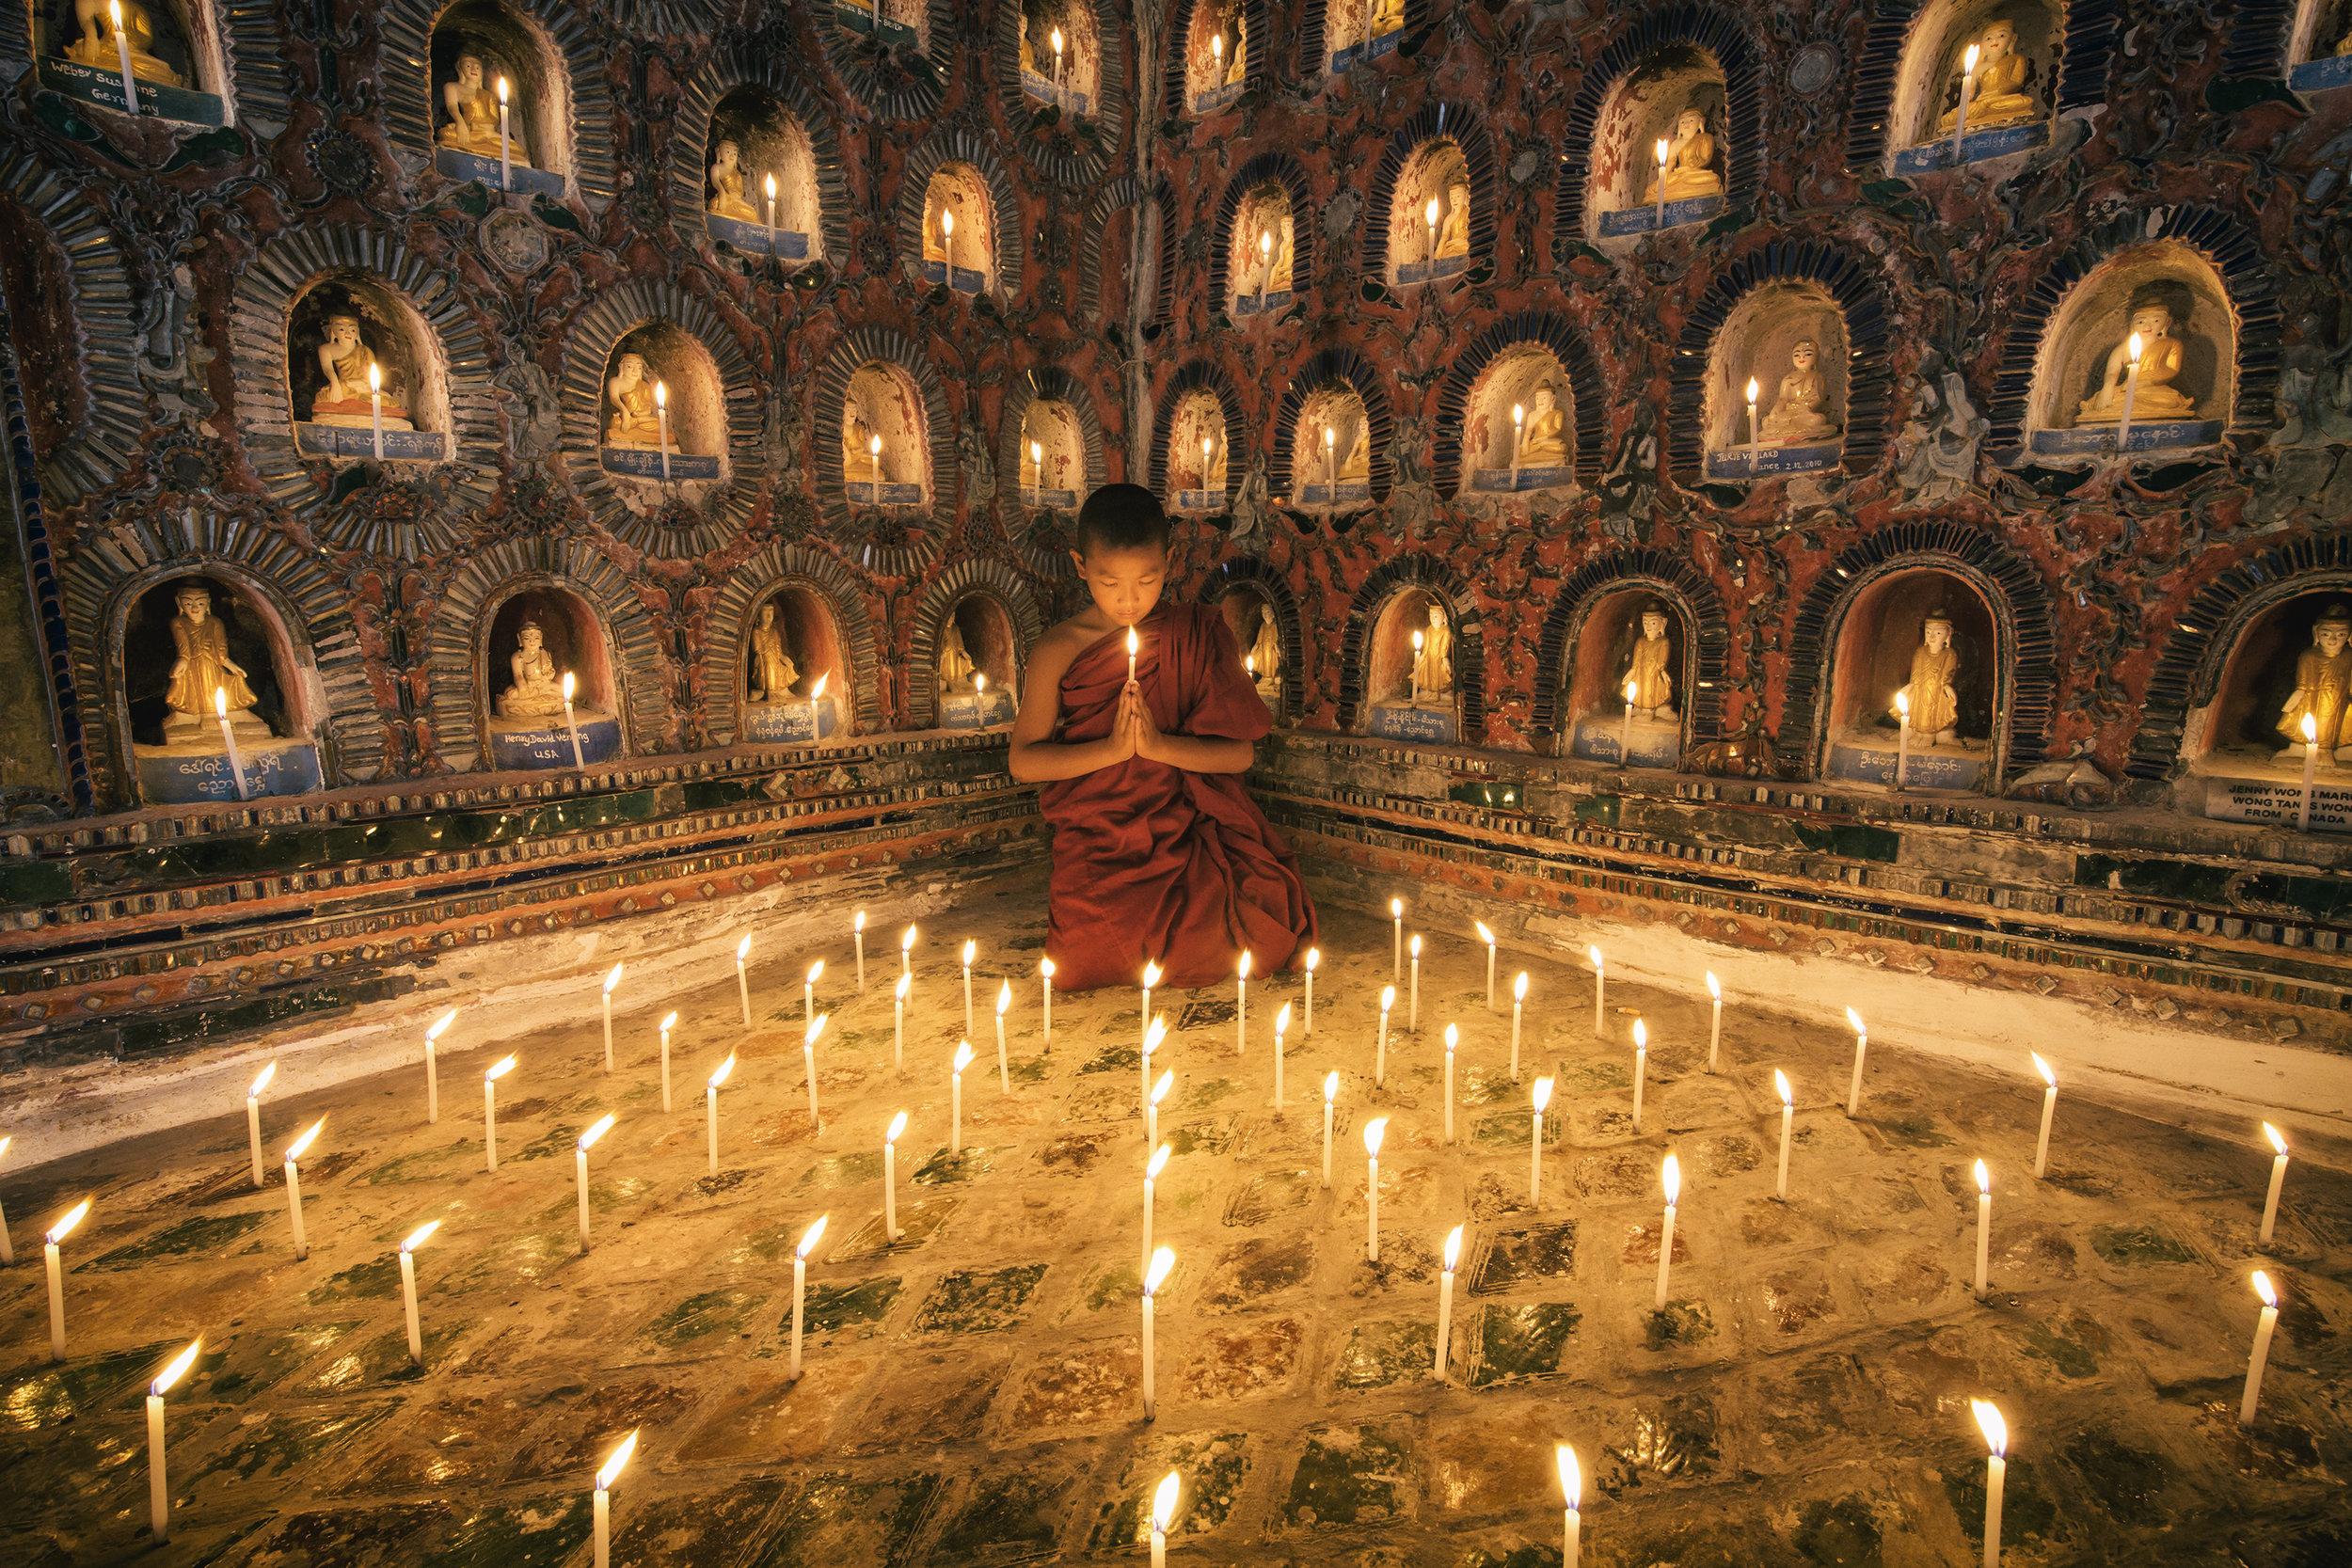 burmese_monk_in_his_monastery.jpg